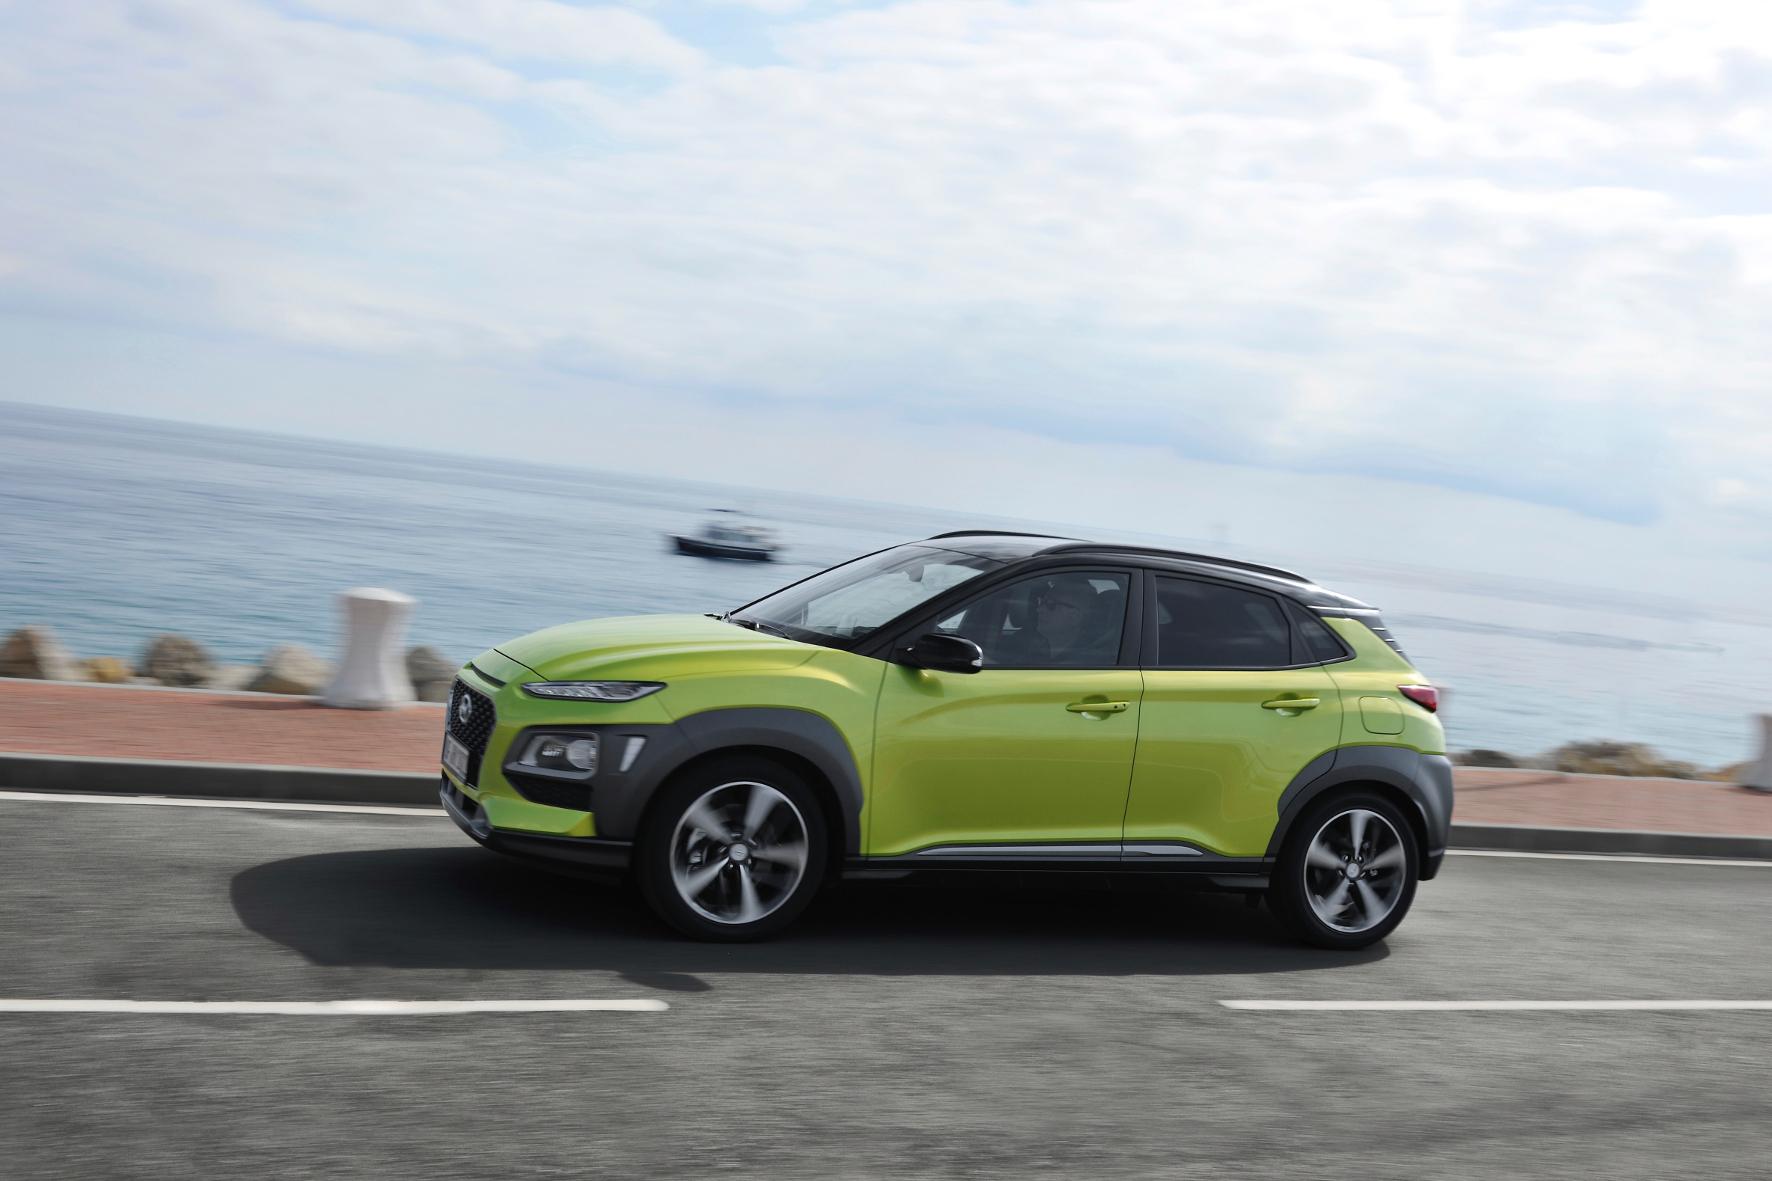 """Selbst in der Launch-Farbe """"Acid Yellow"""" kommt das Lifestyle-SUV Hyundai Kona mit seinem progressiven Design gut an."""